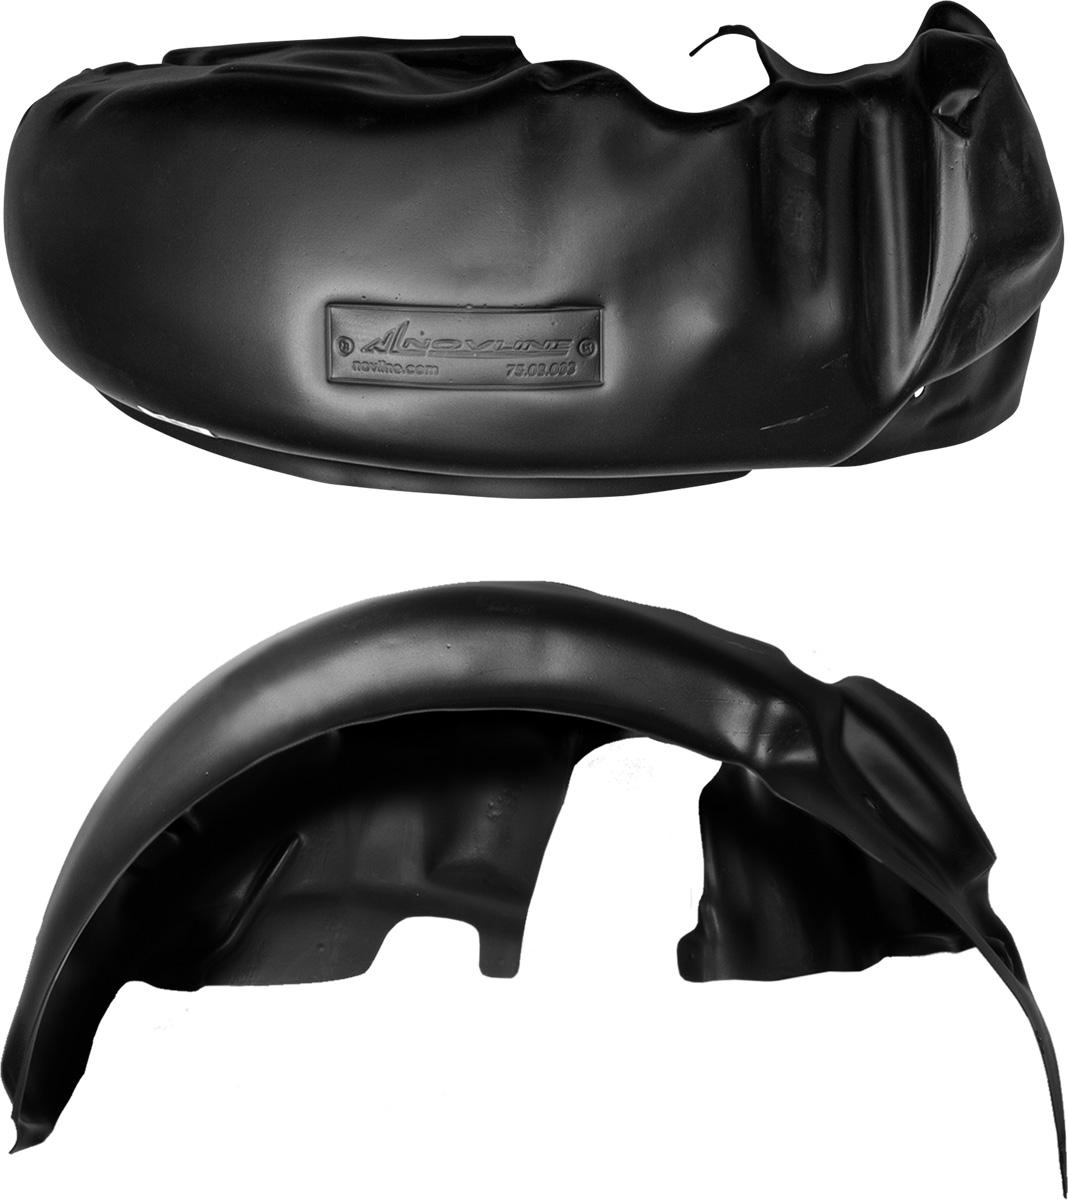 Подкрылок Novline-Autofamily, для Mitsubishi Pajero IV, 2006->, задний левыйNLL.35.16.003Колесные ниши - одни из самых уязвимых зон днища вашего автомобиля. Они постоянно подвергаются воздействию со стороны дороги. Лучшая, почти абсолютная защита для них - специально отформованные пластиковые кожухи, которые называются подкрылками. Производятся они как для отечественных моделей автомобилей, так и для иномарок. Подкрылки Novline-Autofamily выполнены из высококачественного, экологически чистого пластика. Обеспечивают надежную защиту кузова автомобиля от пескоструйного эффекта и негативного влияния, агрессивных антигололедных реагентов. Пластик обладает более низкой теплопроводностью, чем металл, поэтому в зимний период эксплуатации использование пластиковых подкрылков позволяет лучше защитить колесные ниши от налипания снега и образования наледи. Оригинальность конструкции подчеркивает элегантность автомобиля, бережно защищает нанесенное на днище кузова антикоррозийное покрытие и позволяет осуществить крепление подкрылков внутри колесной арки практически без дополнительного крепежа и сверления, не нарушая при этом лакокрасочного покрытия, что предотвращает возникновение новых очагов коррозии. Подкрылки долговечны, обладают высокой прочностью и сохраняют заданную форму, а также все свои физико-механические характеристики в самых тяжелых климатических условиях (от -50°С до +50°С).Уважаемые клиенты!Обращаем ваше внимание, на тот факт, что подкрылок имеет форму, соответствующую модели данного автомобиля. Фото служит для визуального восприятия товара.